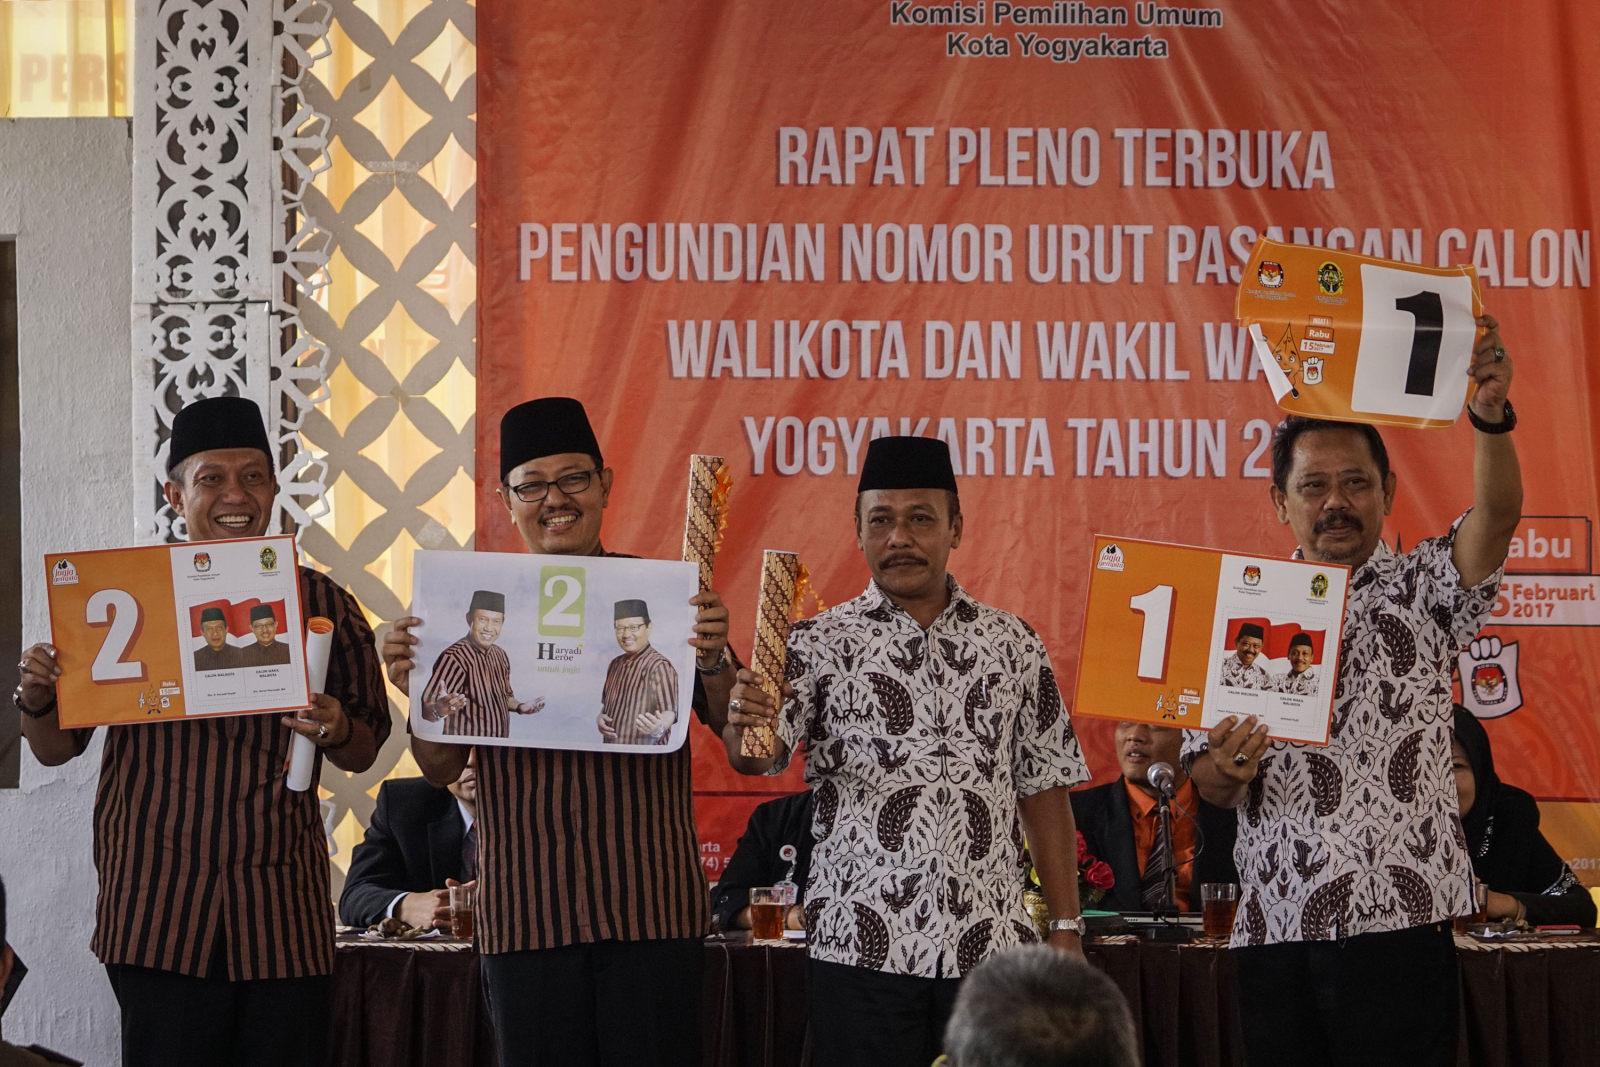 KPU Yogyakarta Hapus 724 orang dari Daftar Pemilih